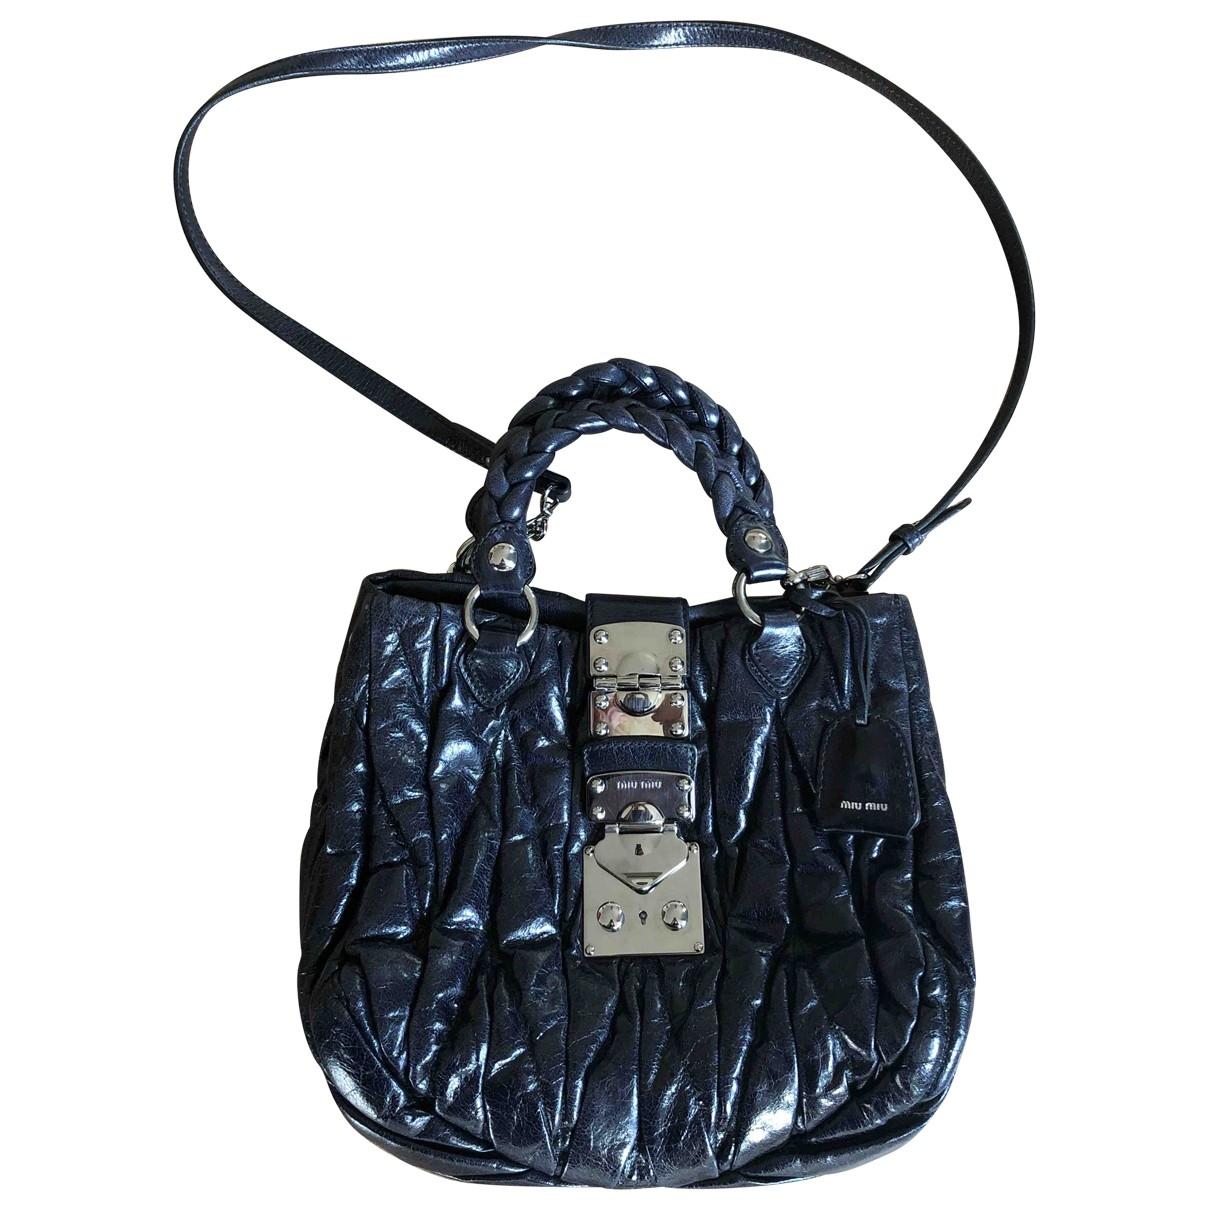 Miu Miu Matelasse Handtasche in  Blau Leder